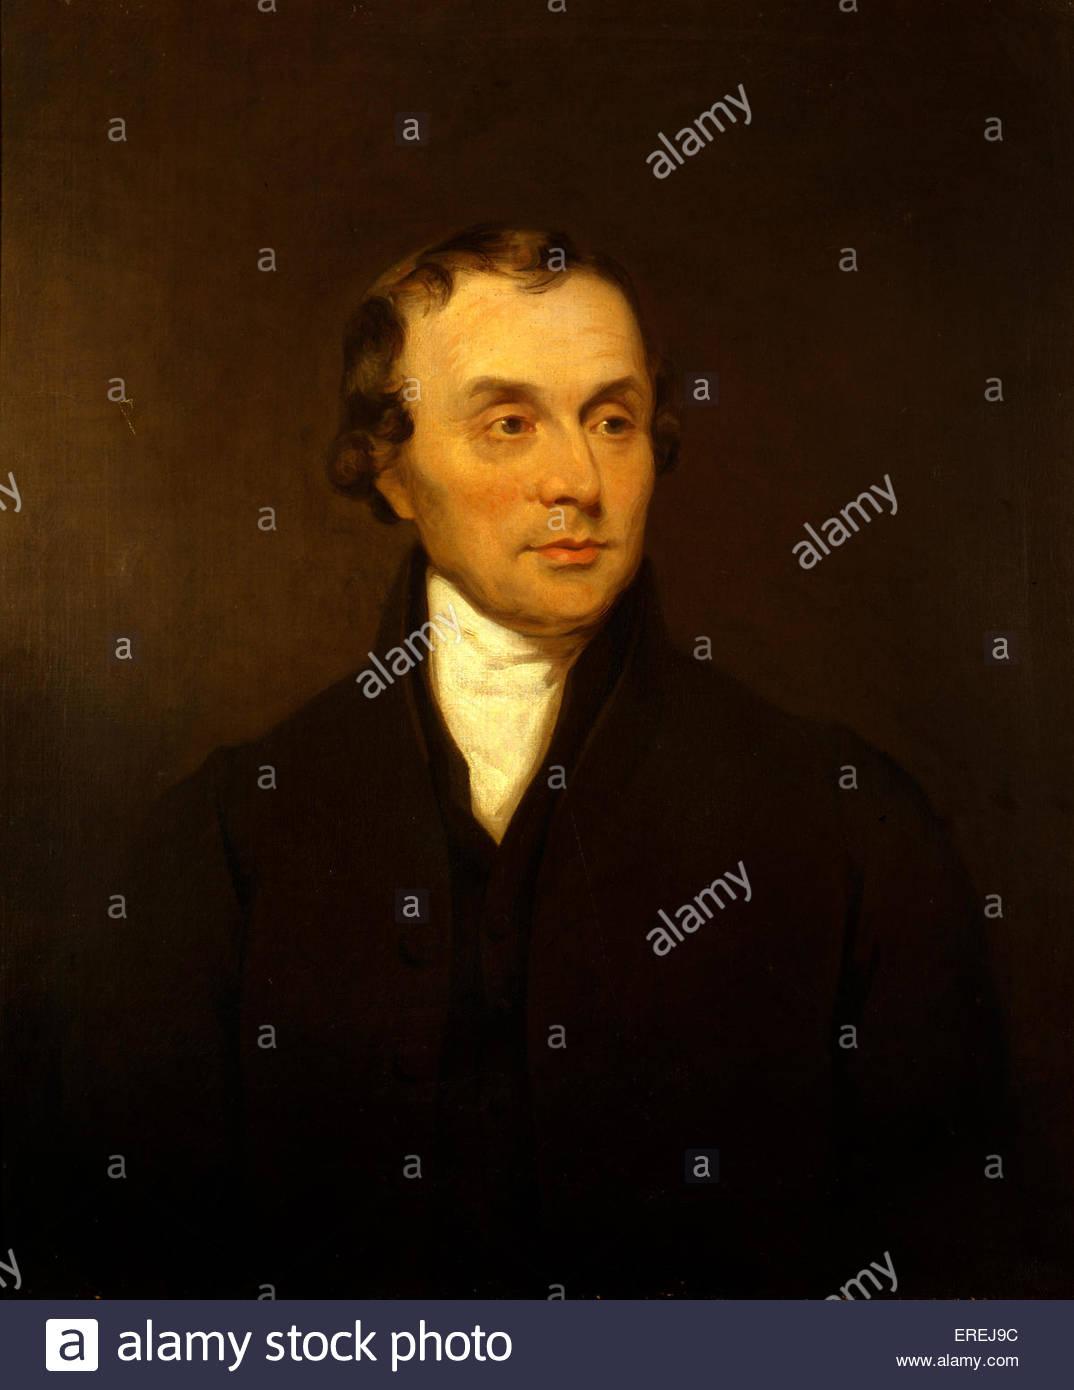 Luke Howard. Porträtmalerei von unbekannten Künstler. Mit freundlicher Genehmigung von königlichen Stockbild